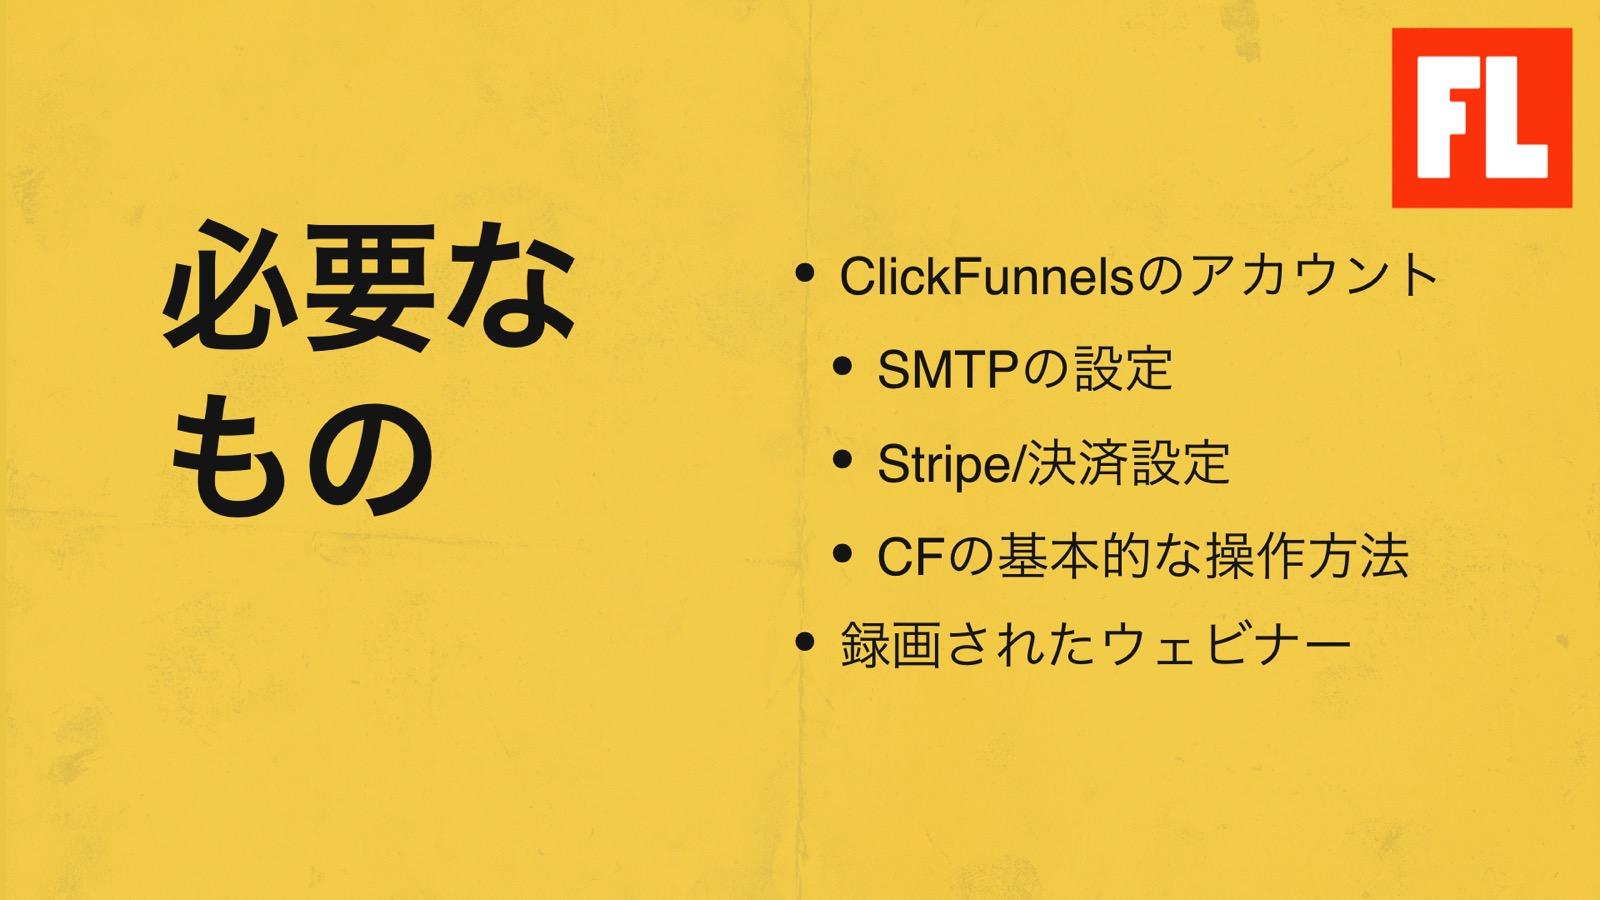 エバーグリーンウェビナーをClickFunnelsで実装する方法 2 001